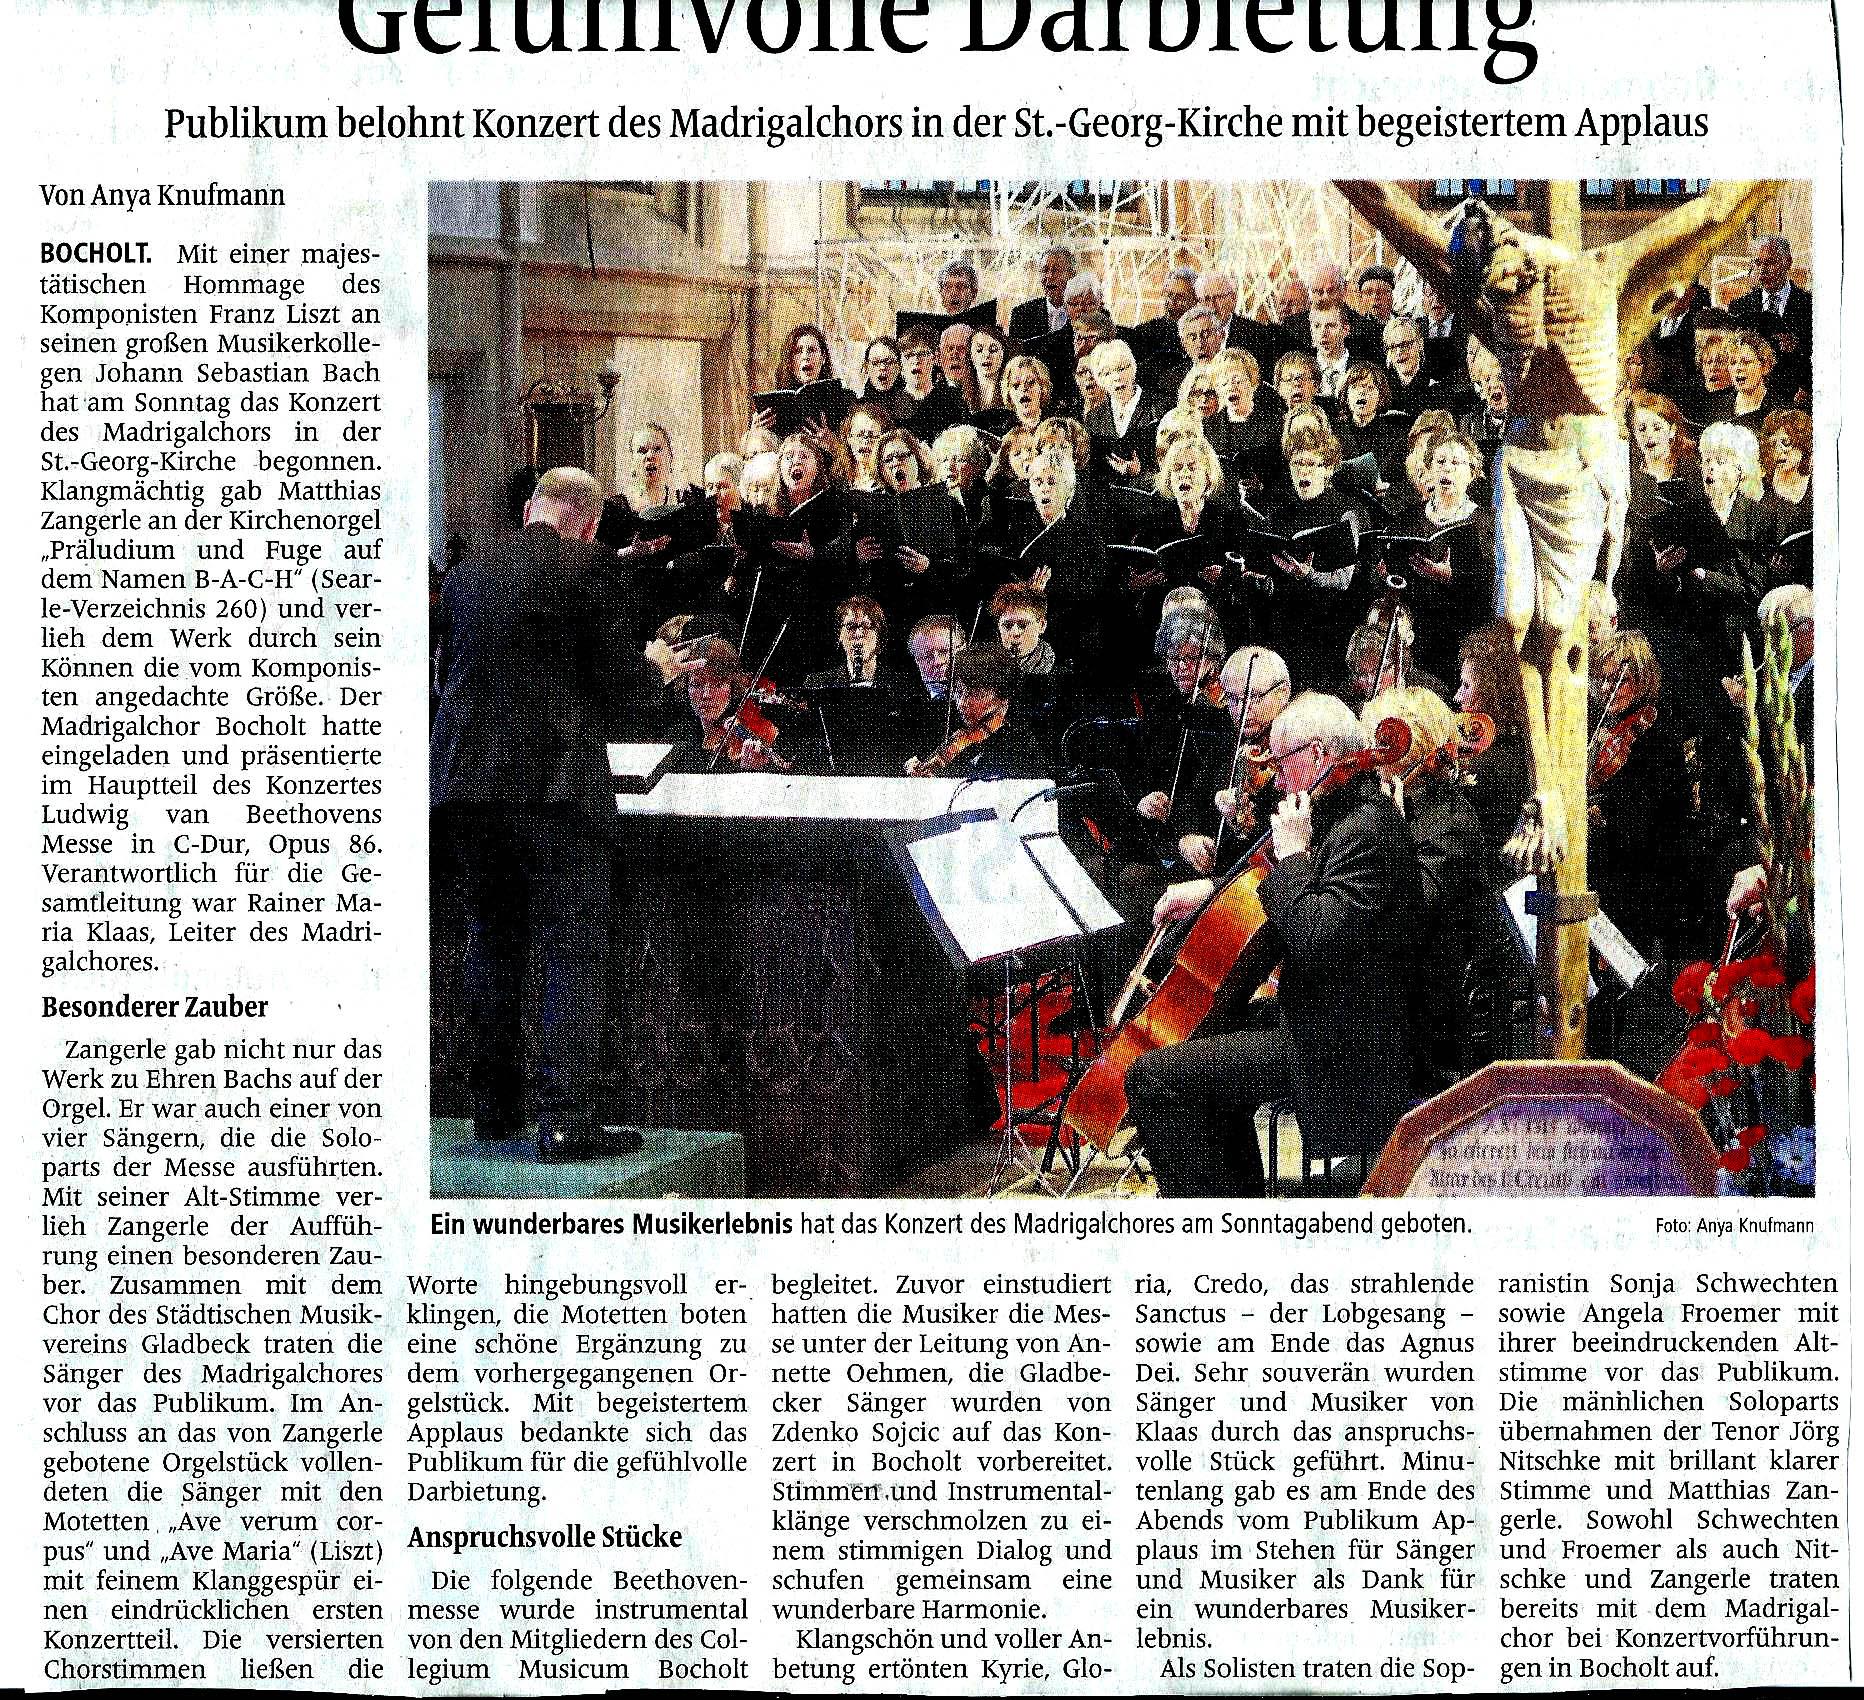 Beethoven BBV Kopie